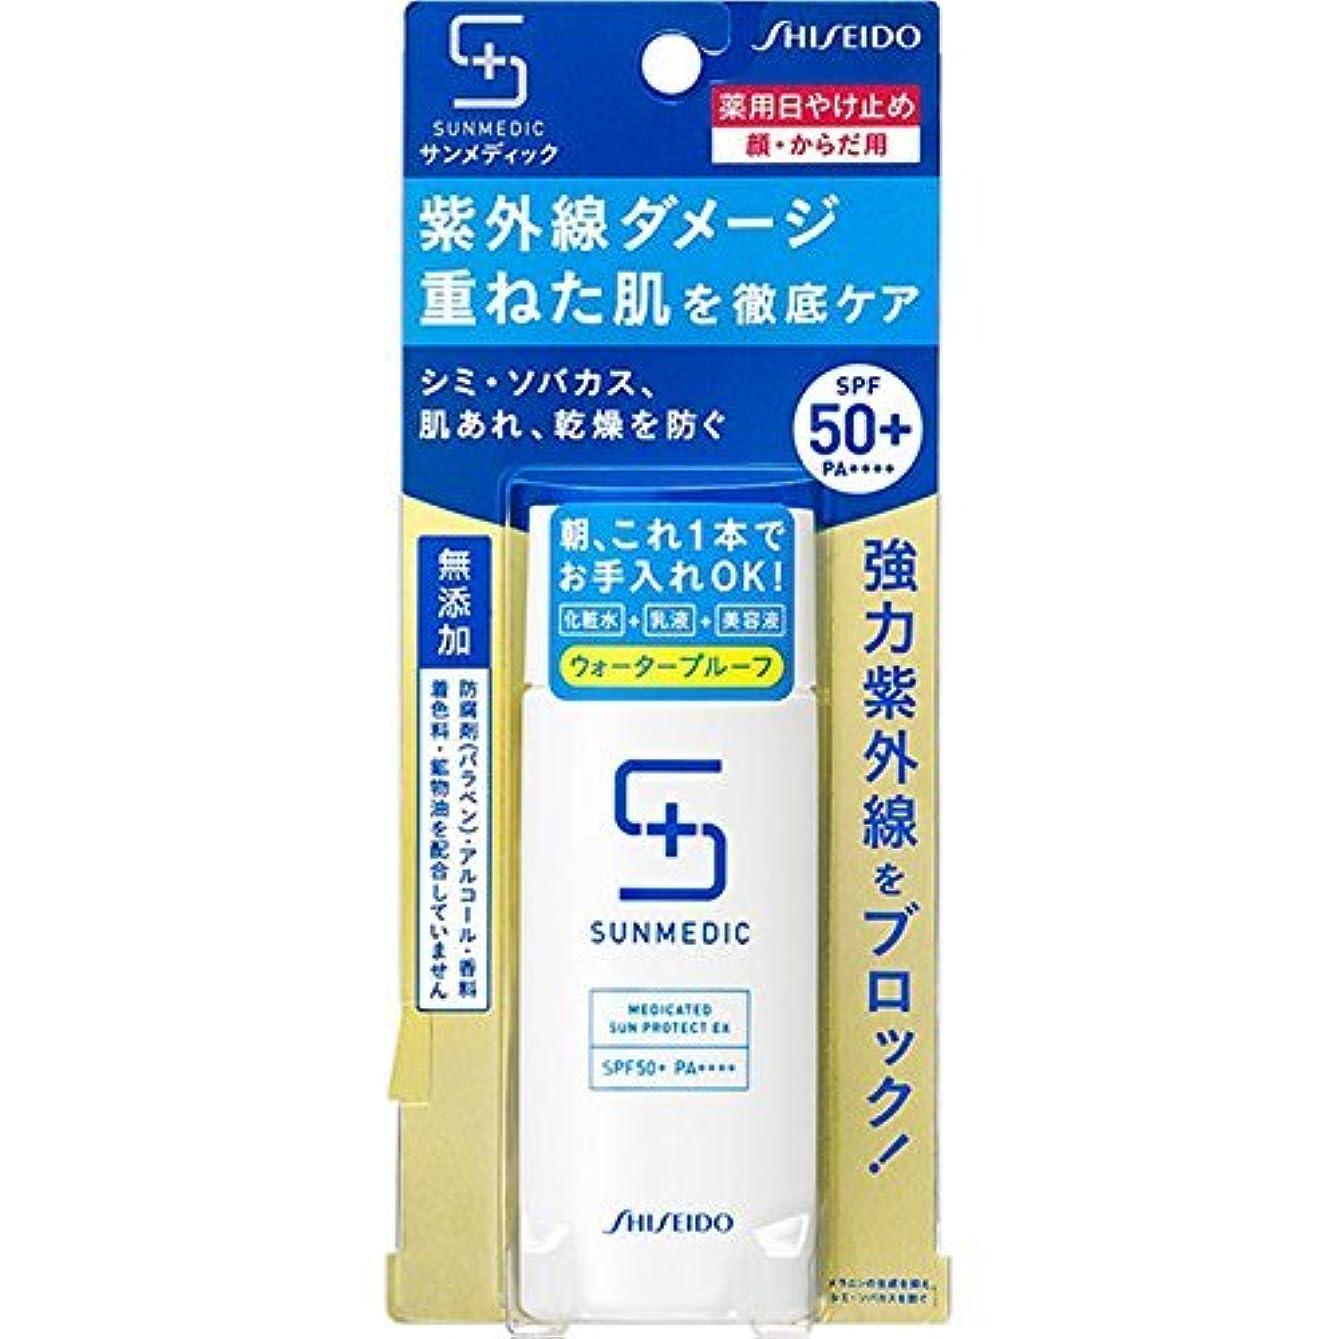 小屋米ドル繁栄MK サンメディックUV 薬用サンプロテクトEX 50mL (医薬部外品)